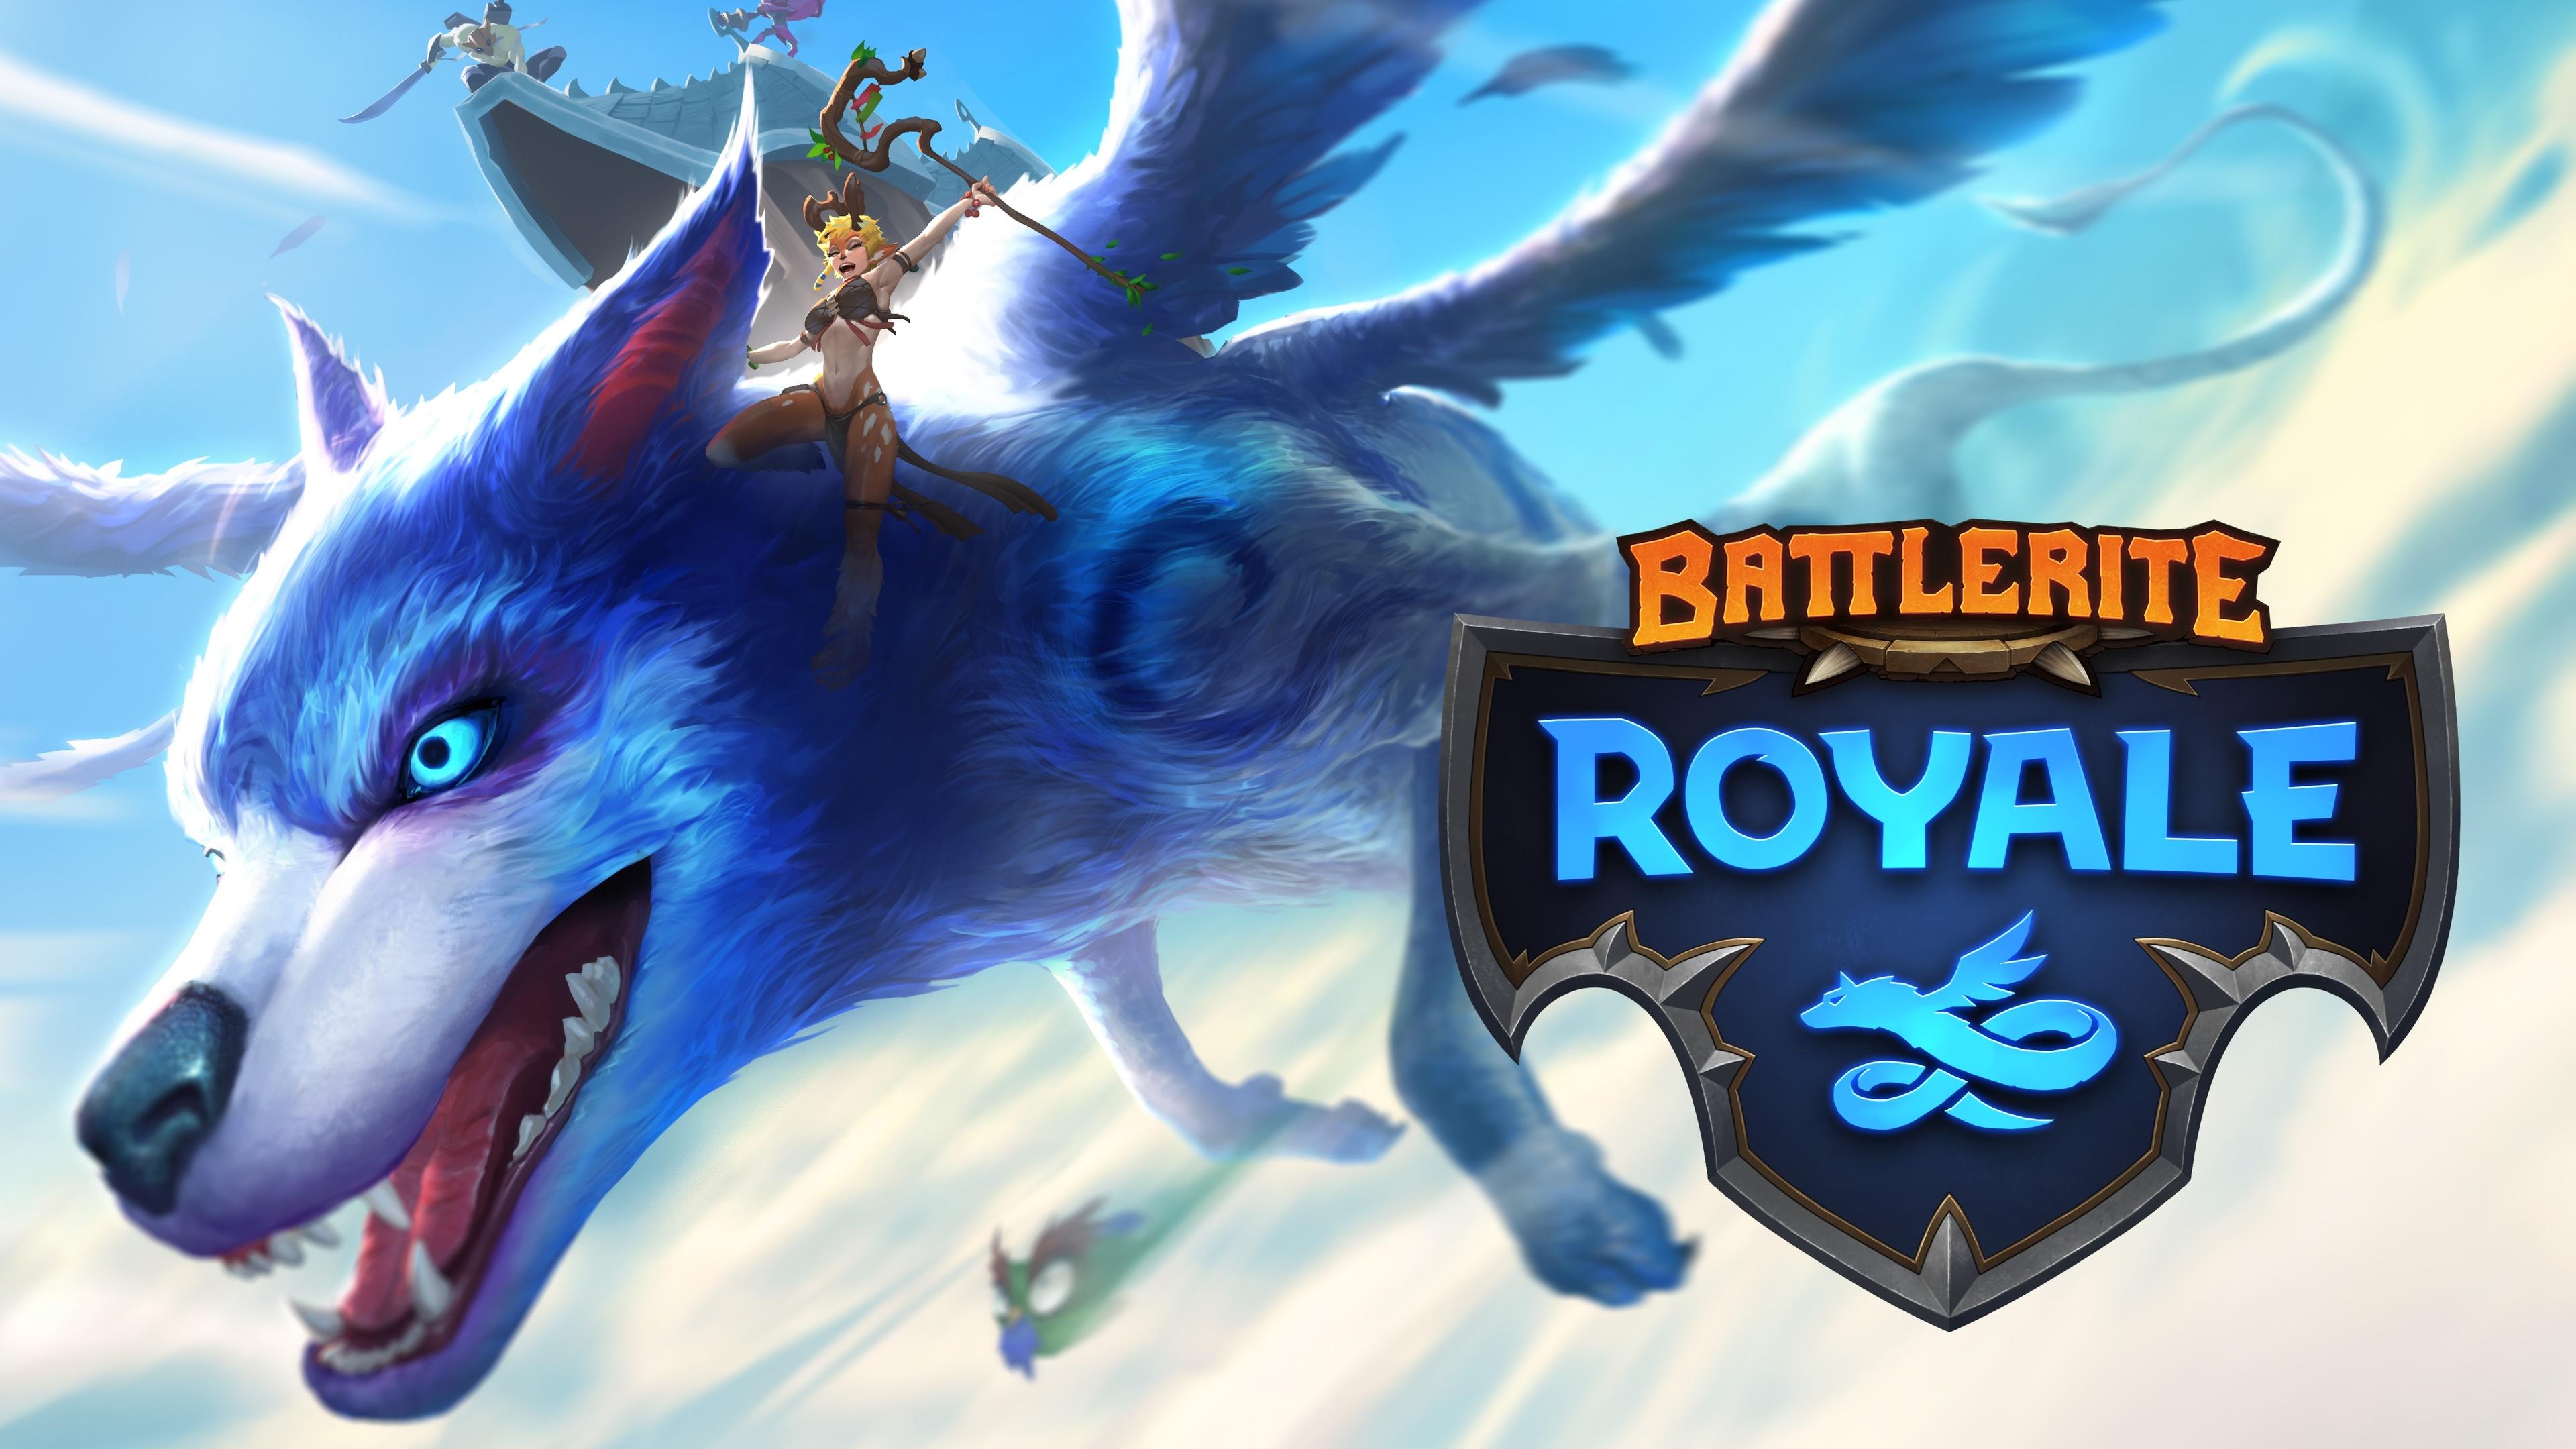 battlerite royale 4k 1537691653 - Battlerite Royale 4k - hd-wallpapers, games wallpapers, battlerite wallpapers, 4k-wallpapers